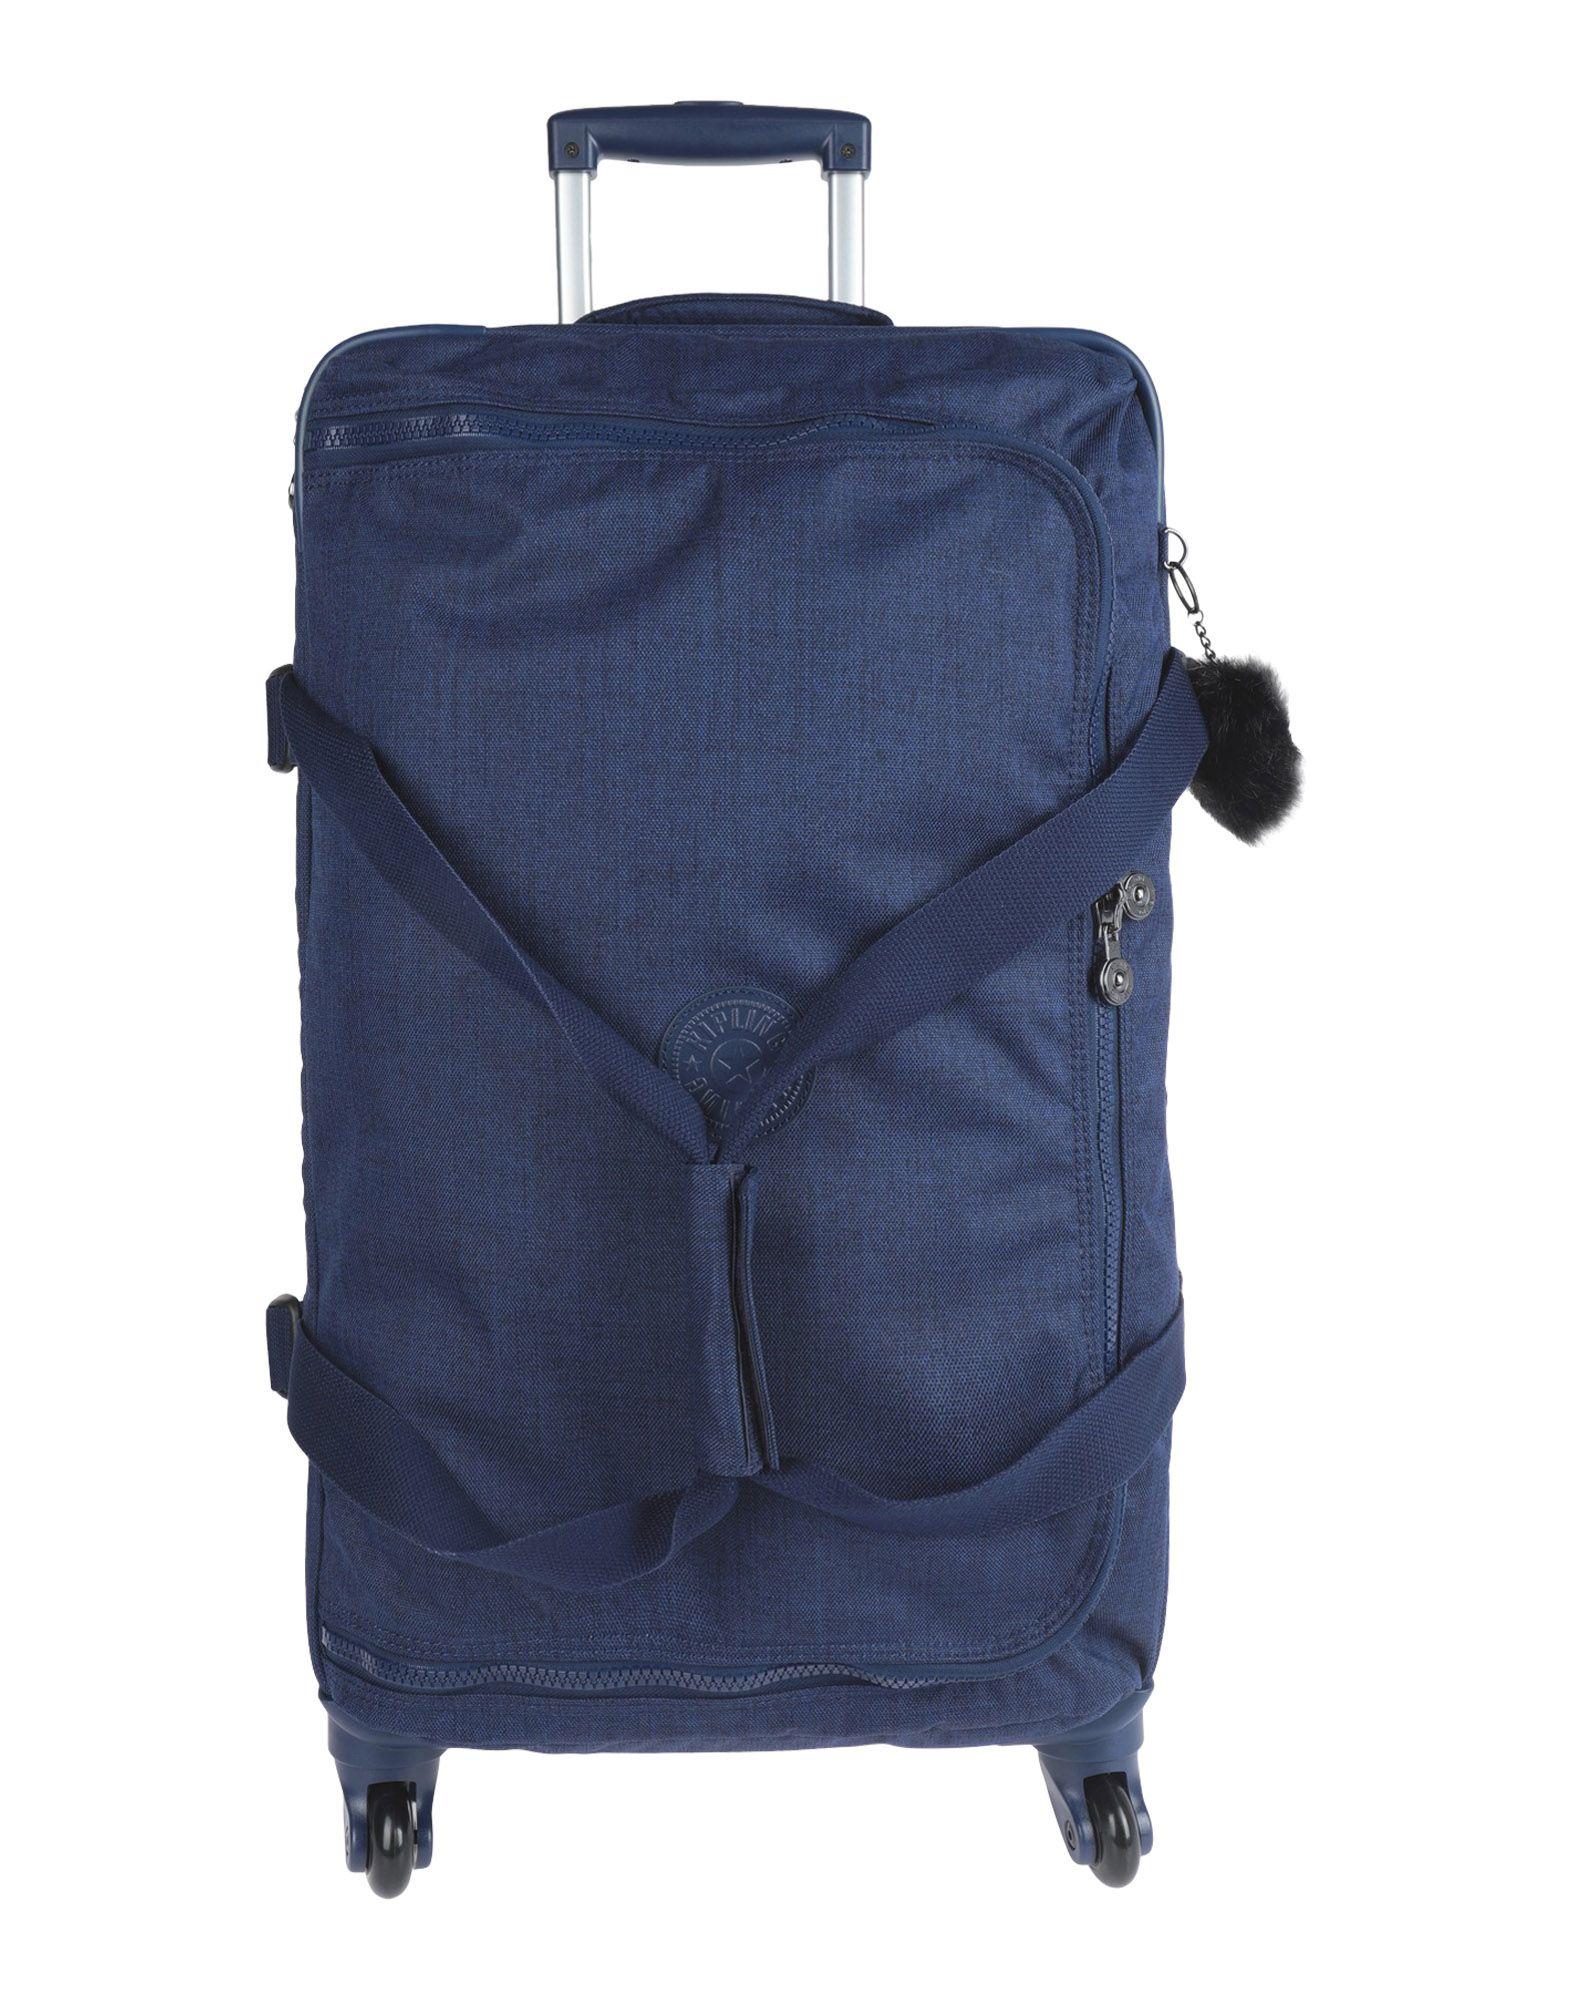 《期間限定セール中》KIPLING レディース キャスター付きバッグ ダークブルー 紡績繊維